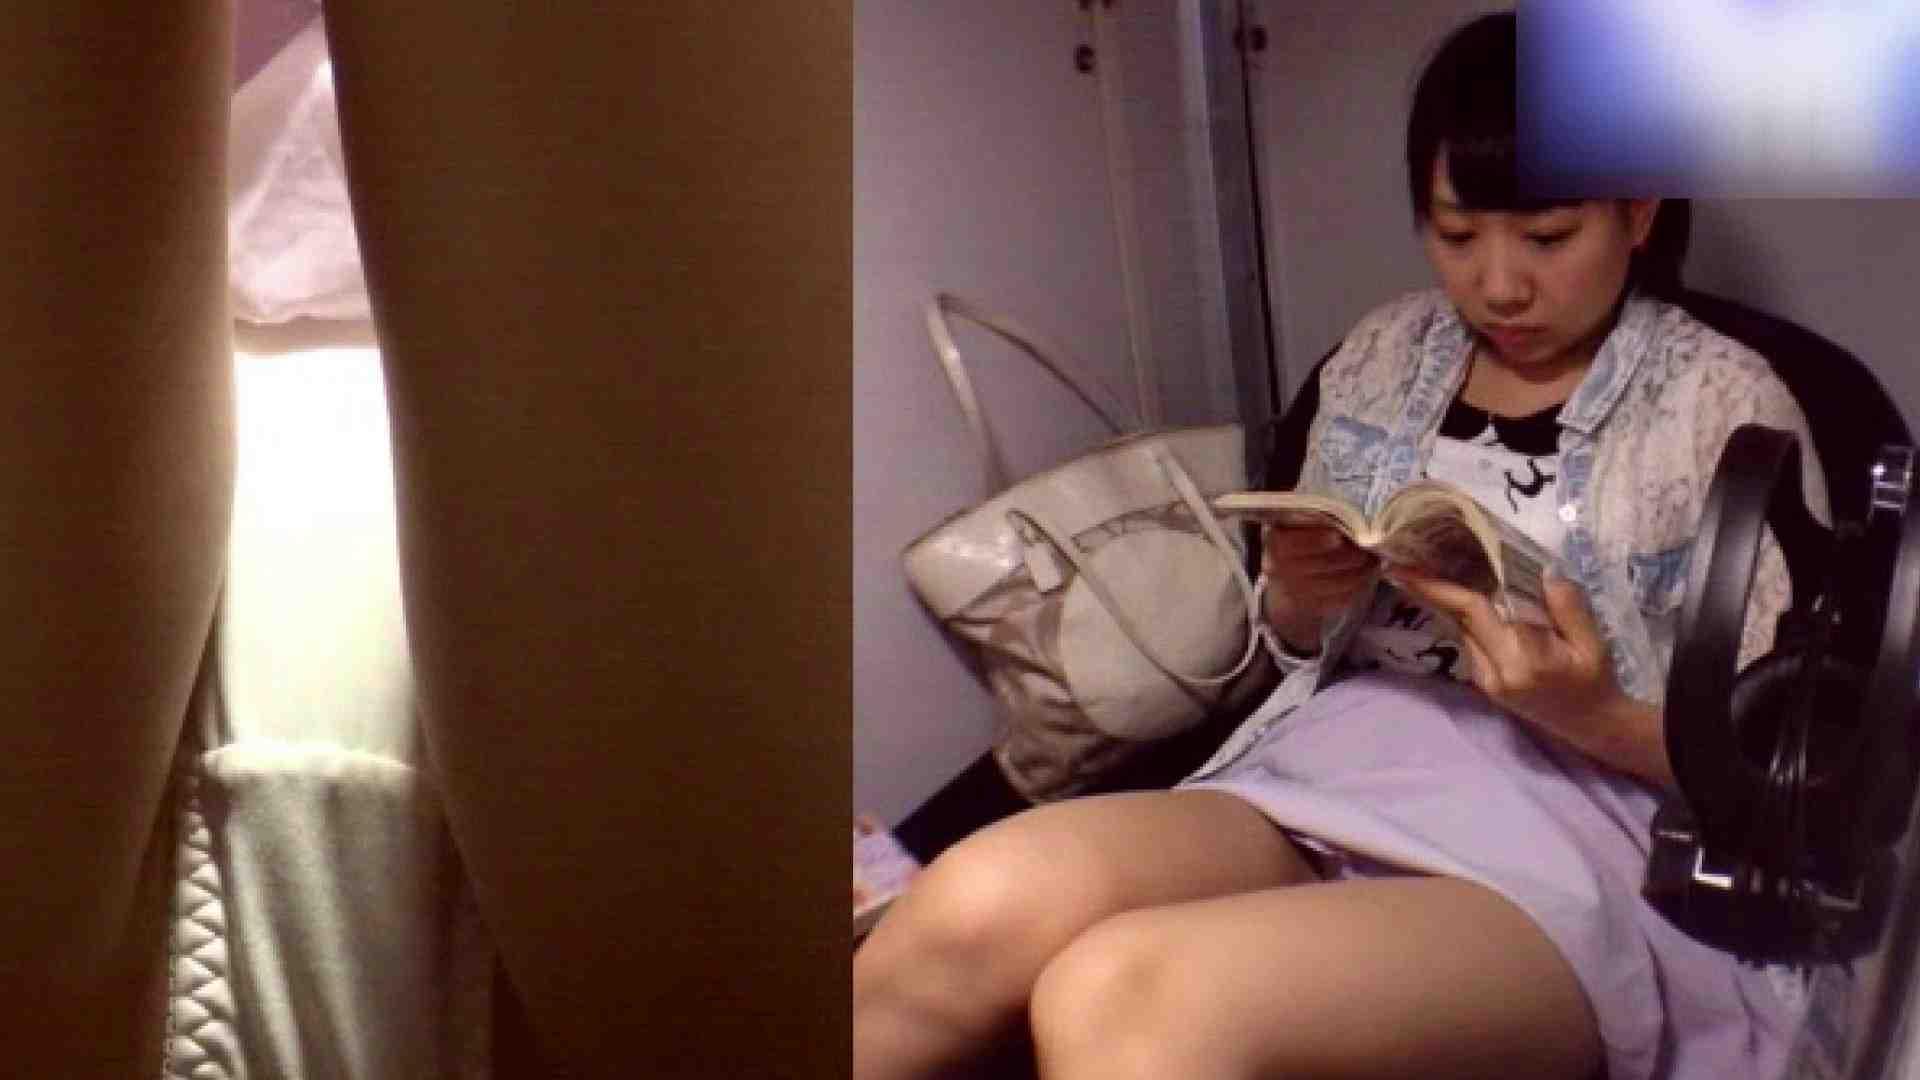 変態オナニー劇場 Vol.25 オナニーし放題   独身エッチOL  102pic 18